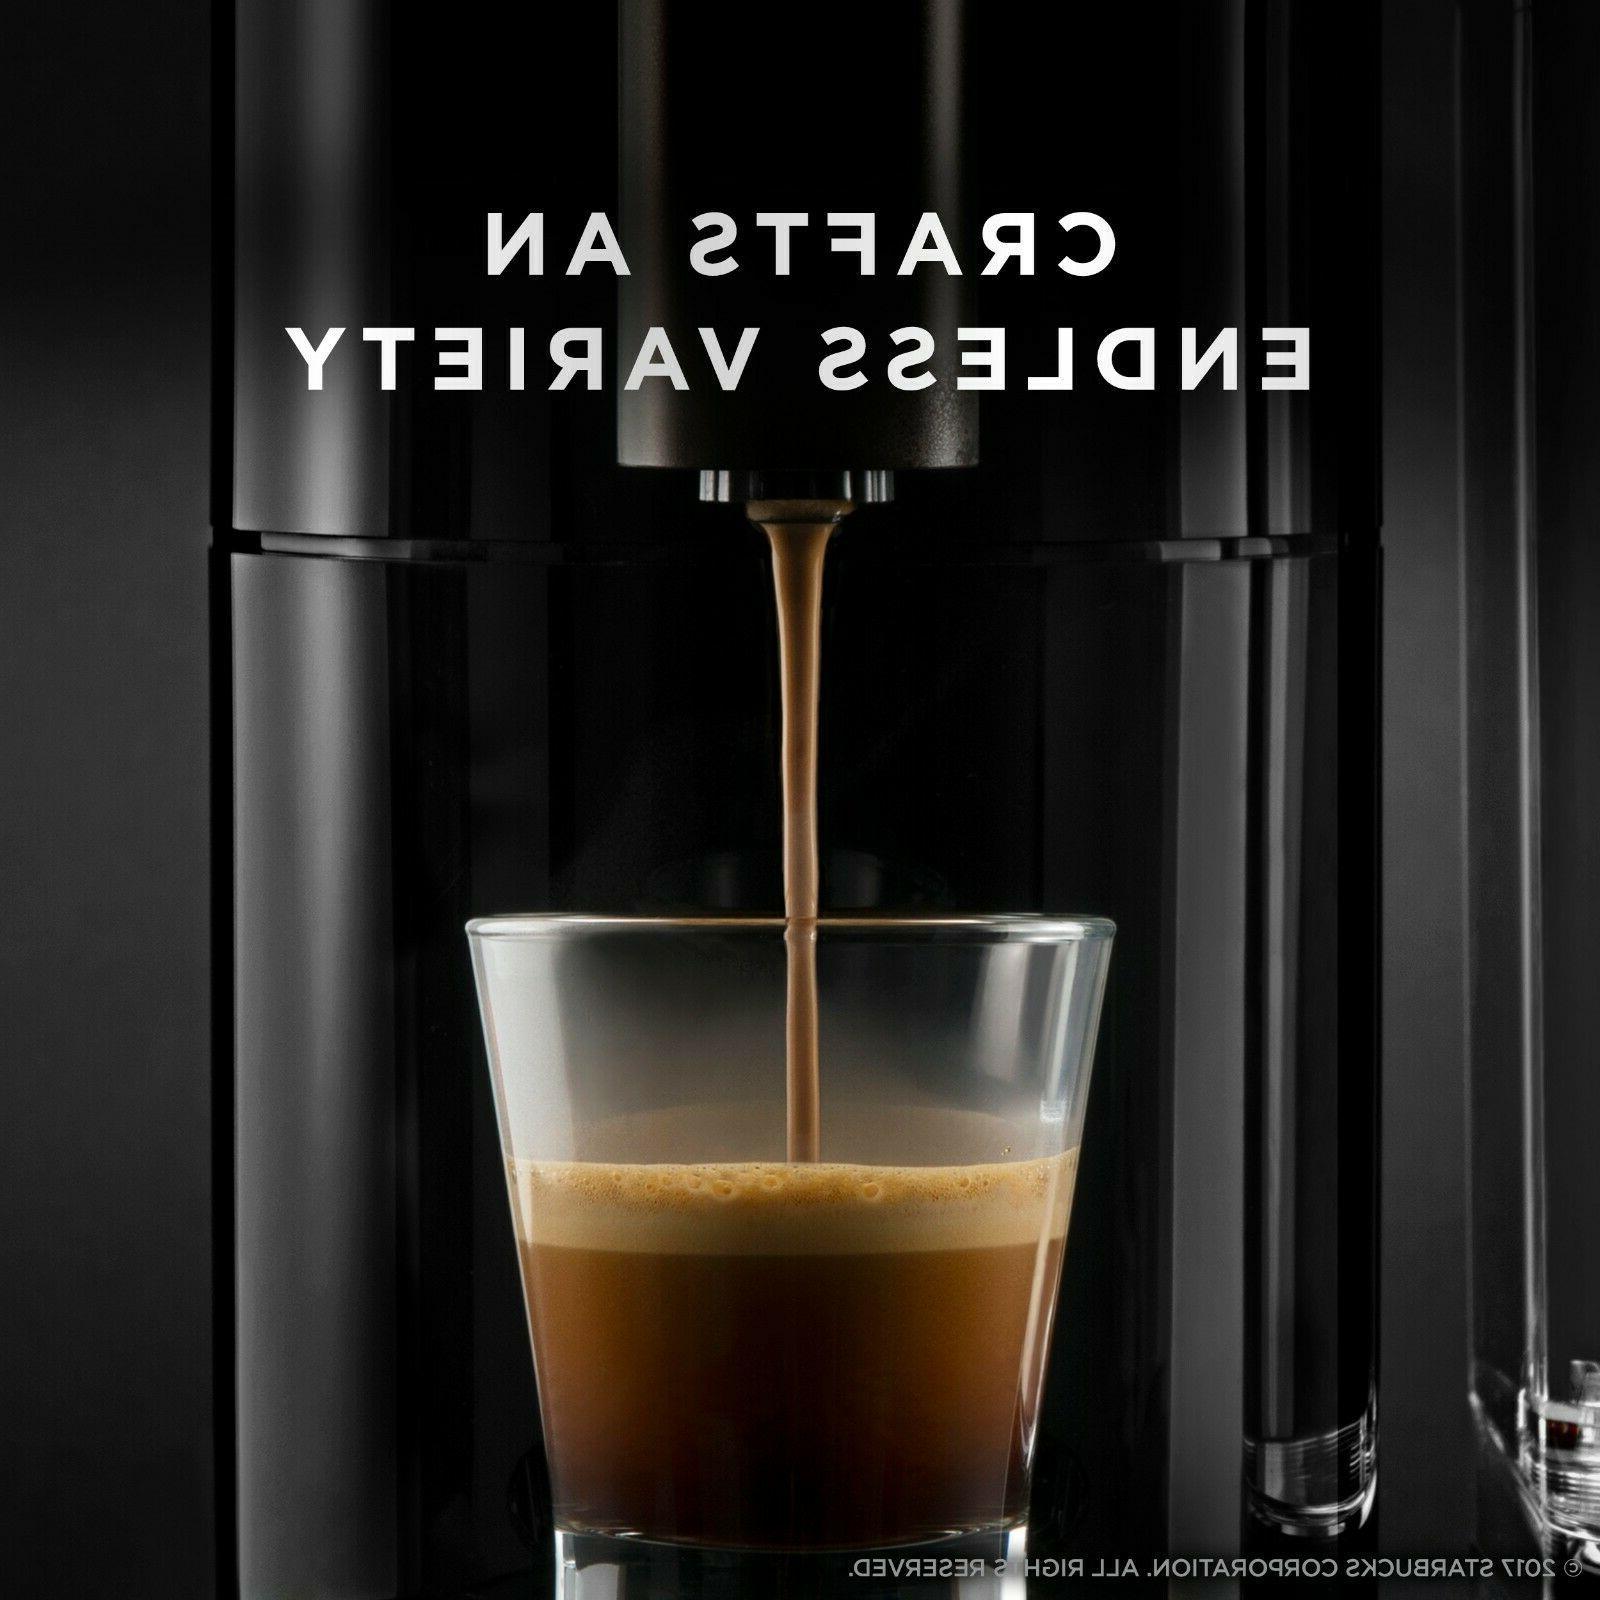 verismo v coffee maker brewer system espresso